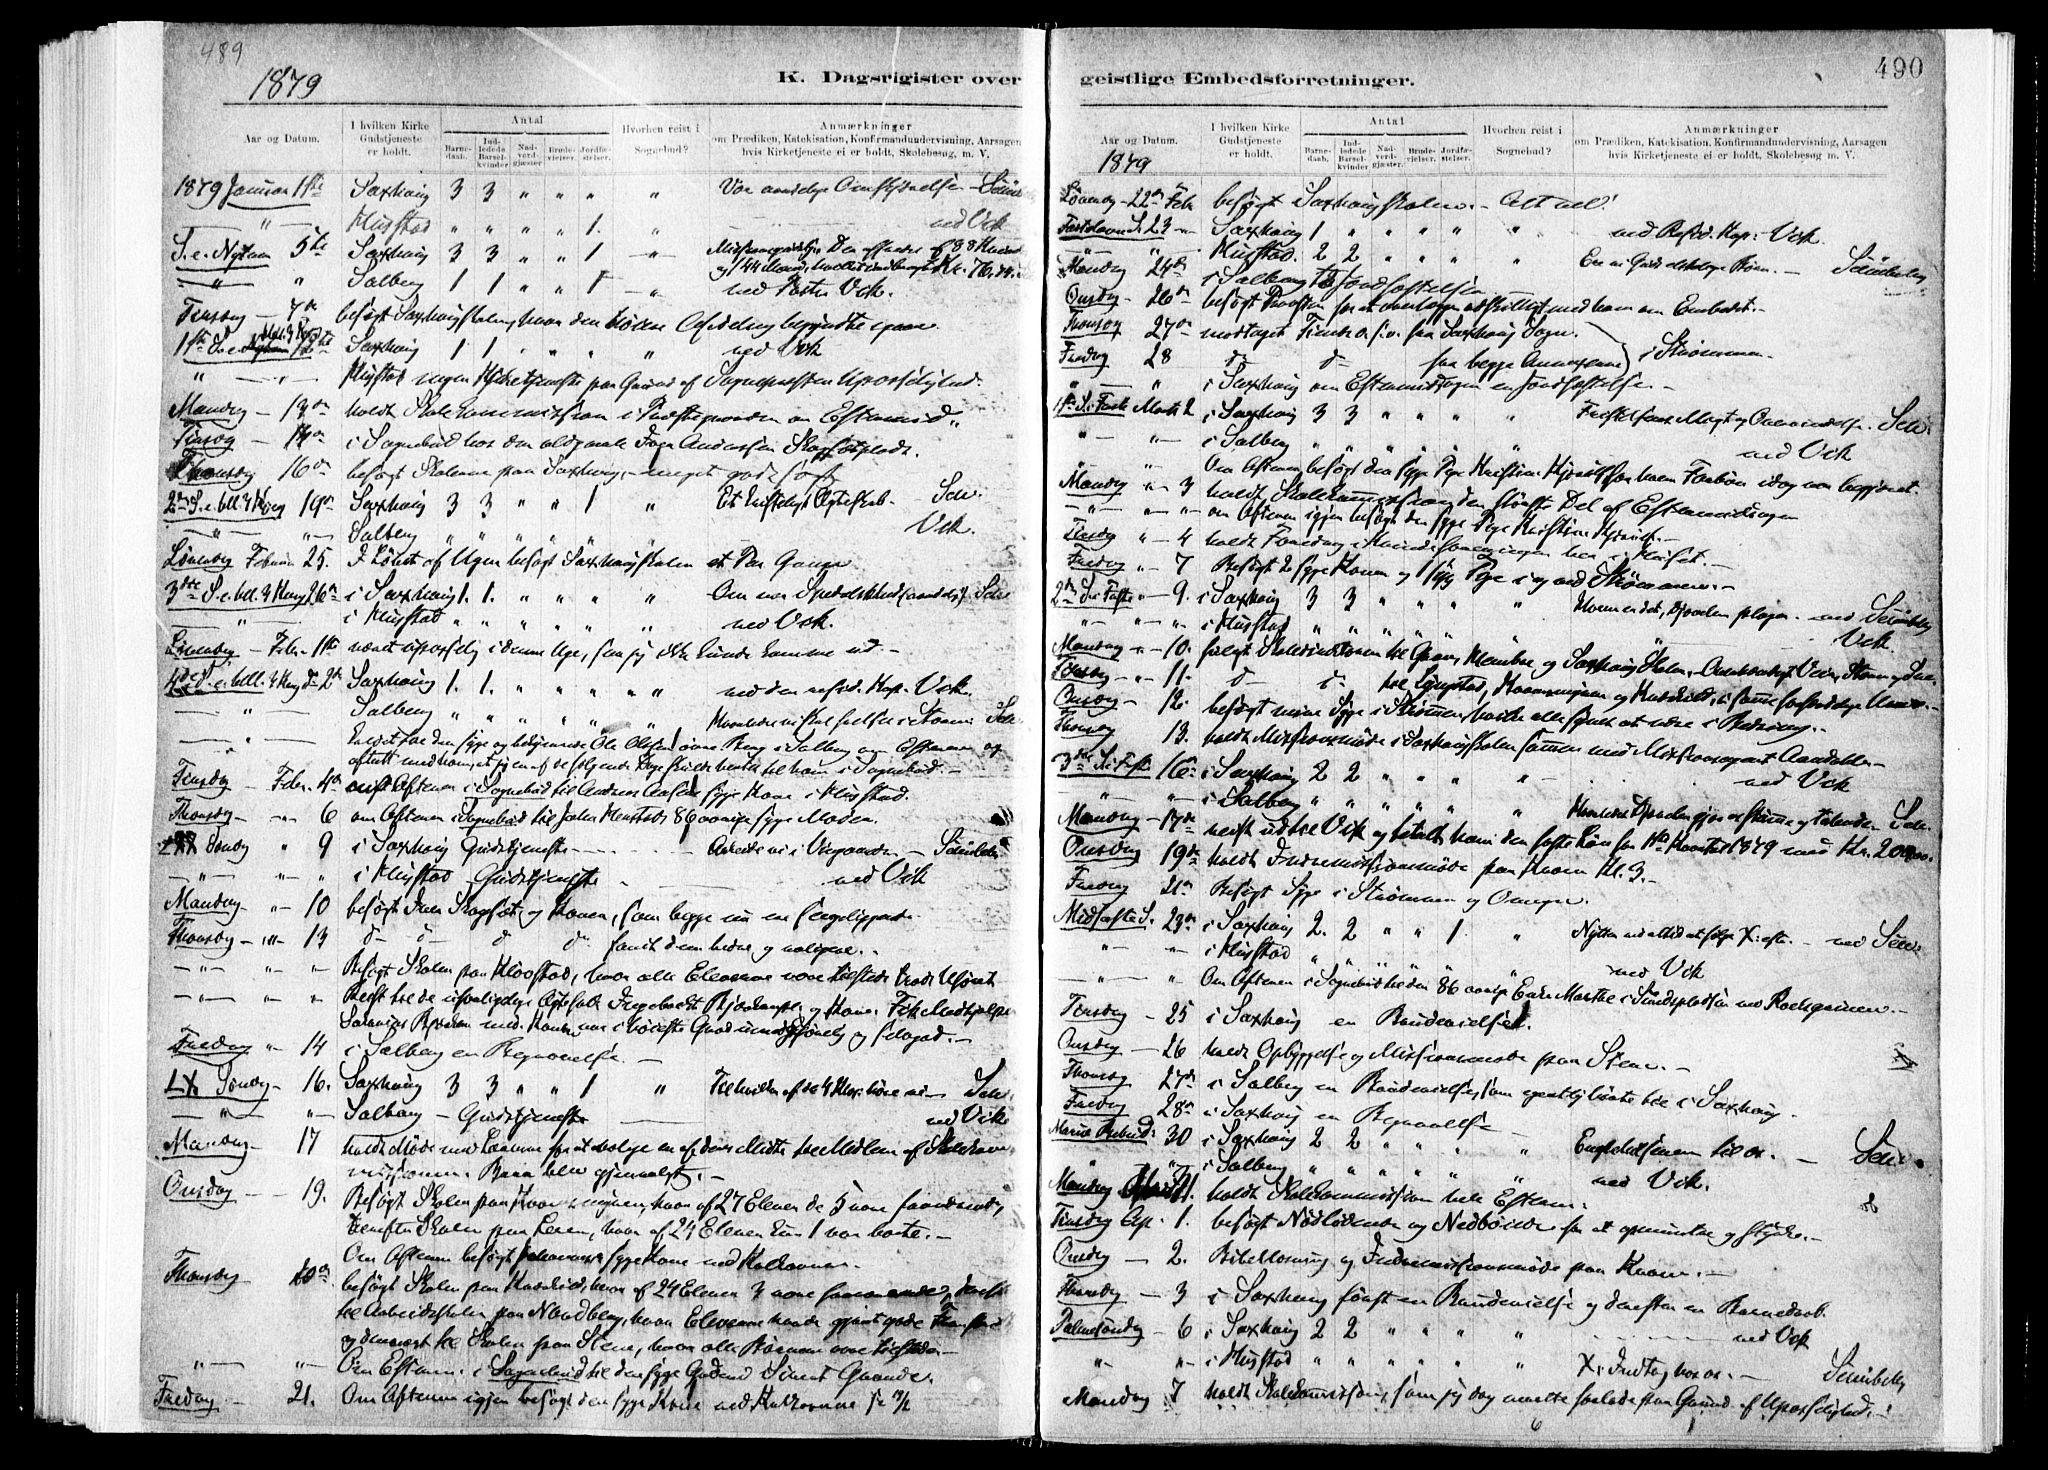 SAT, Ministerialprotokoller, klokkerbøker og fødselsregistre - Nord-Trøndelag, 730/L0285: Ministerialbok nr. 730A10, 1879-1914, s. 490